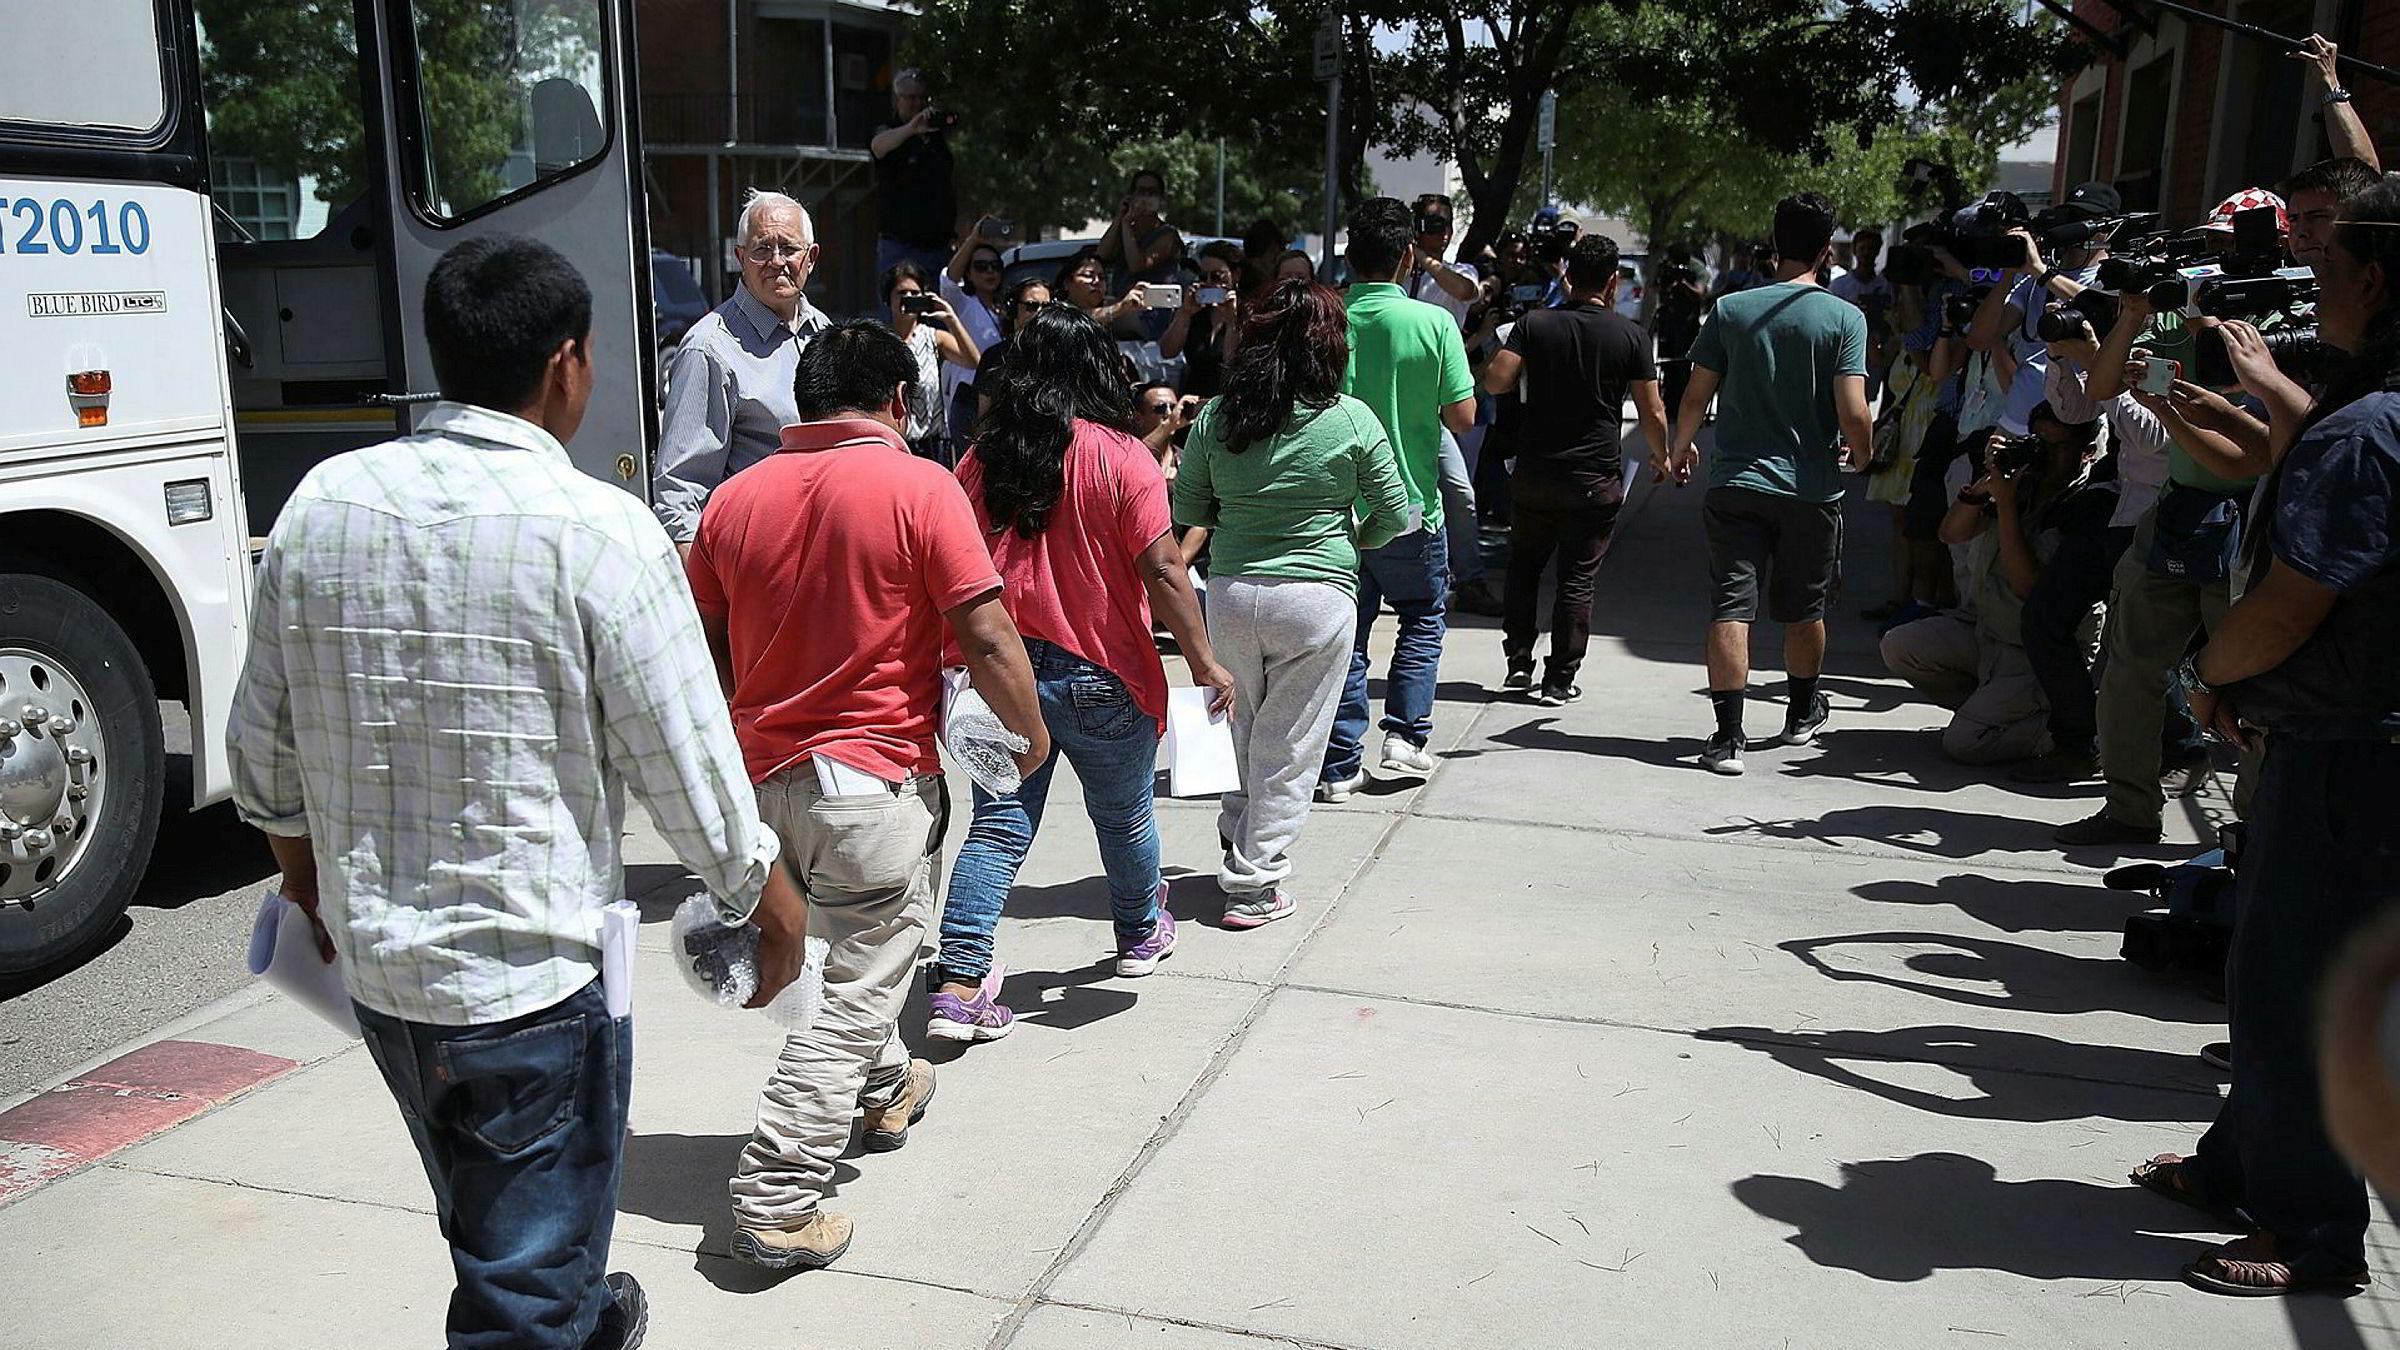 Donald Trump vil deportere immigranter som krysser grensen fra Mexico, uten noen juridisk prosess.